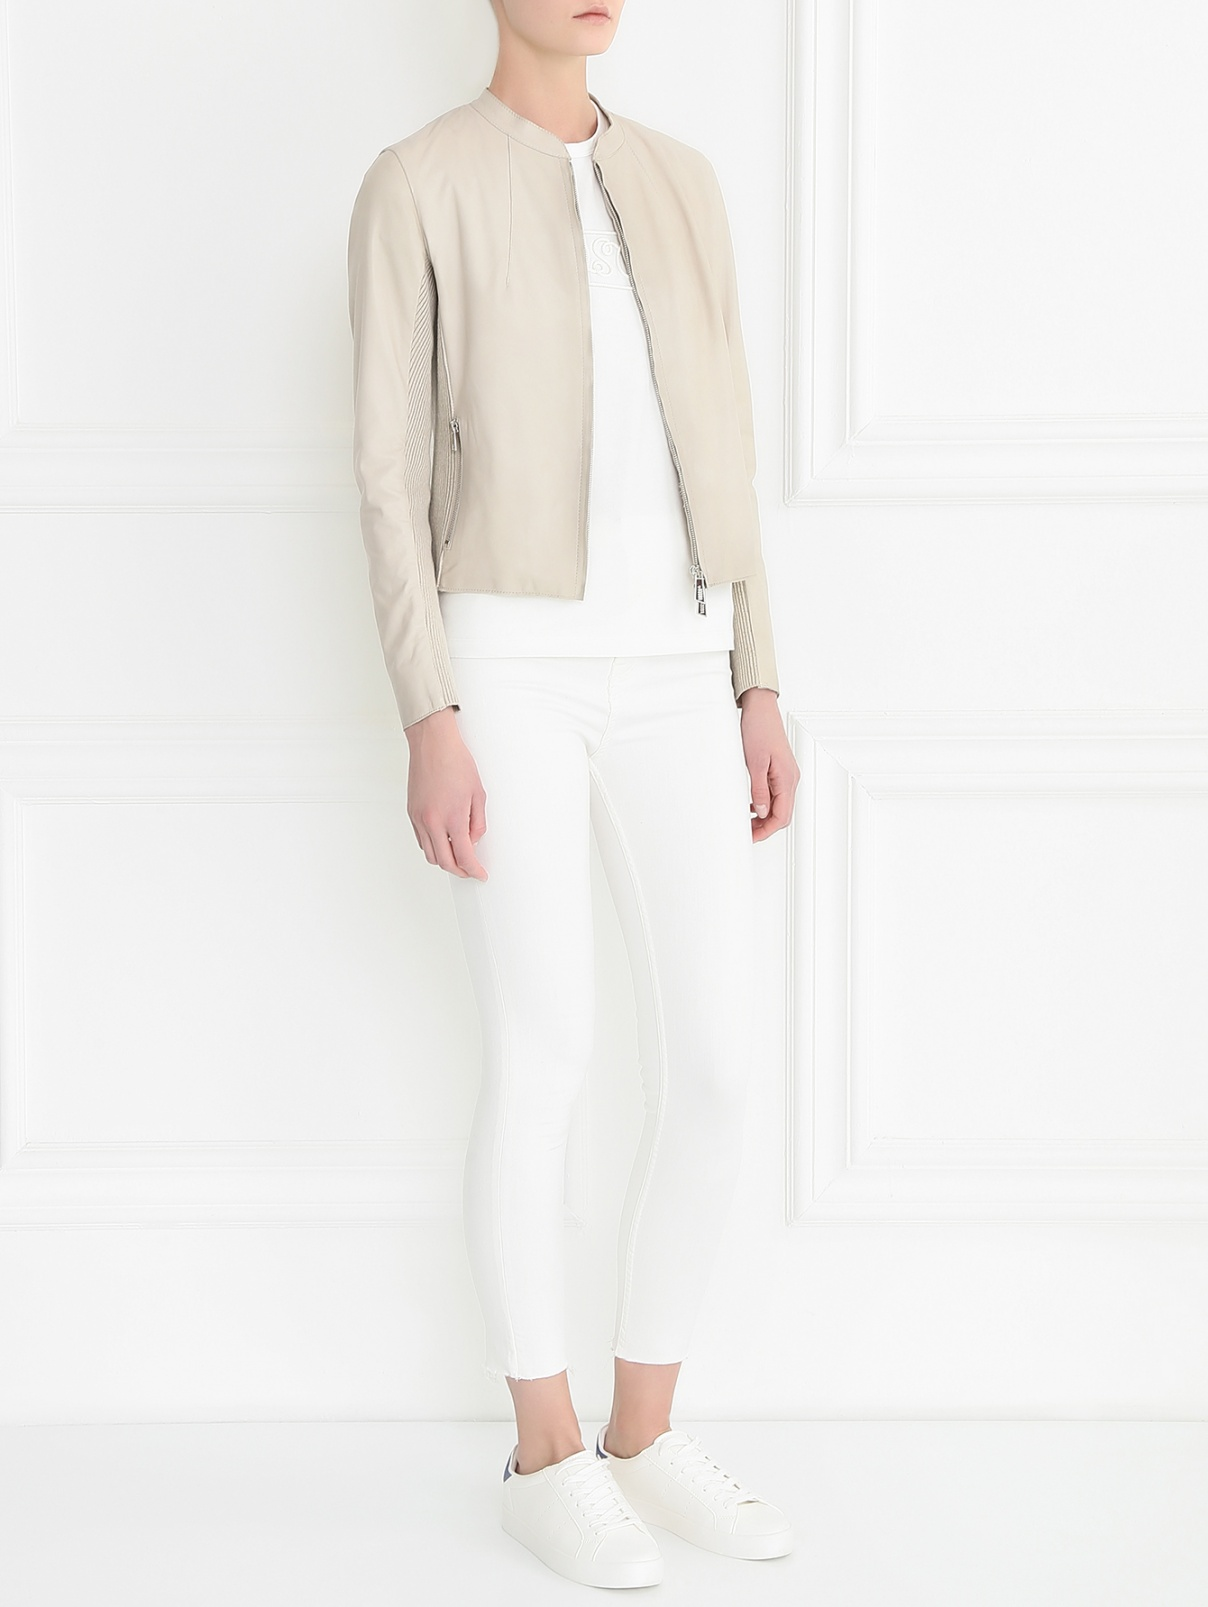 Куртка из кожи с трикотажными вставками Bosco Fresh  –  Модель Общий вид